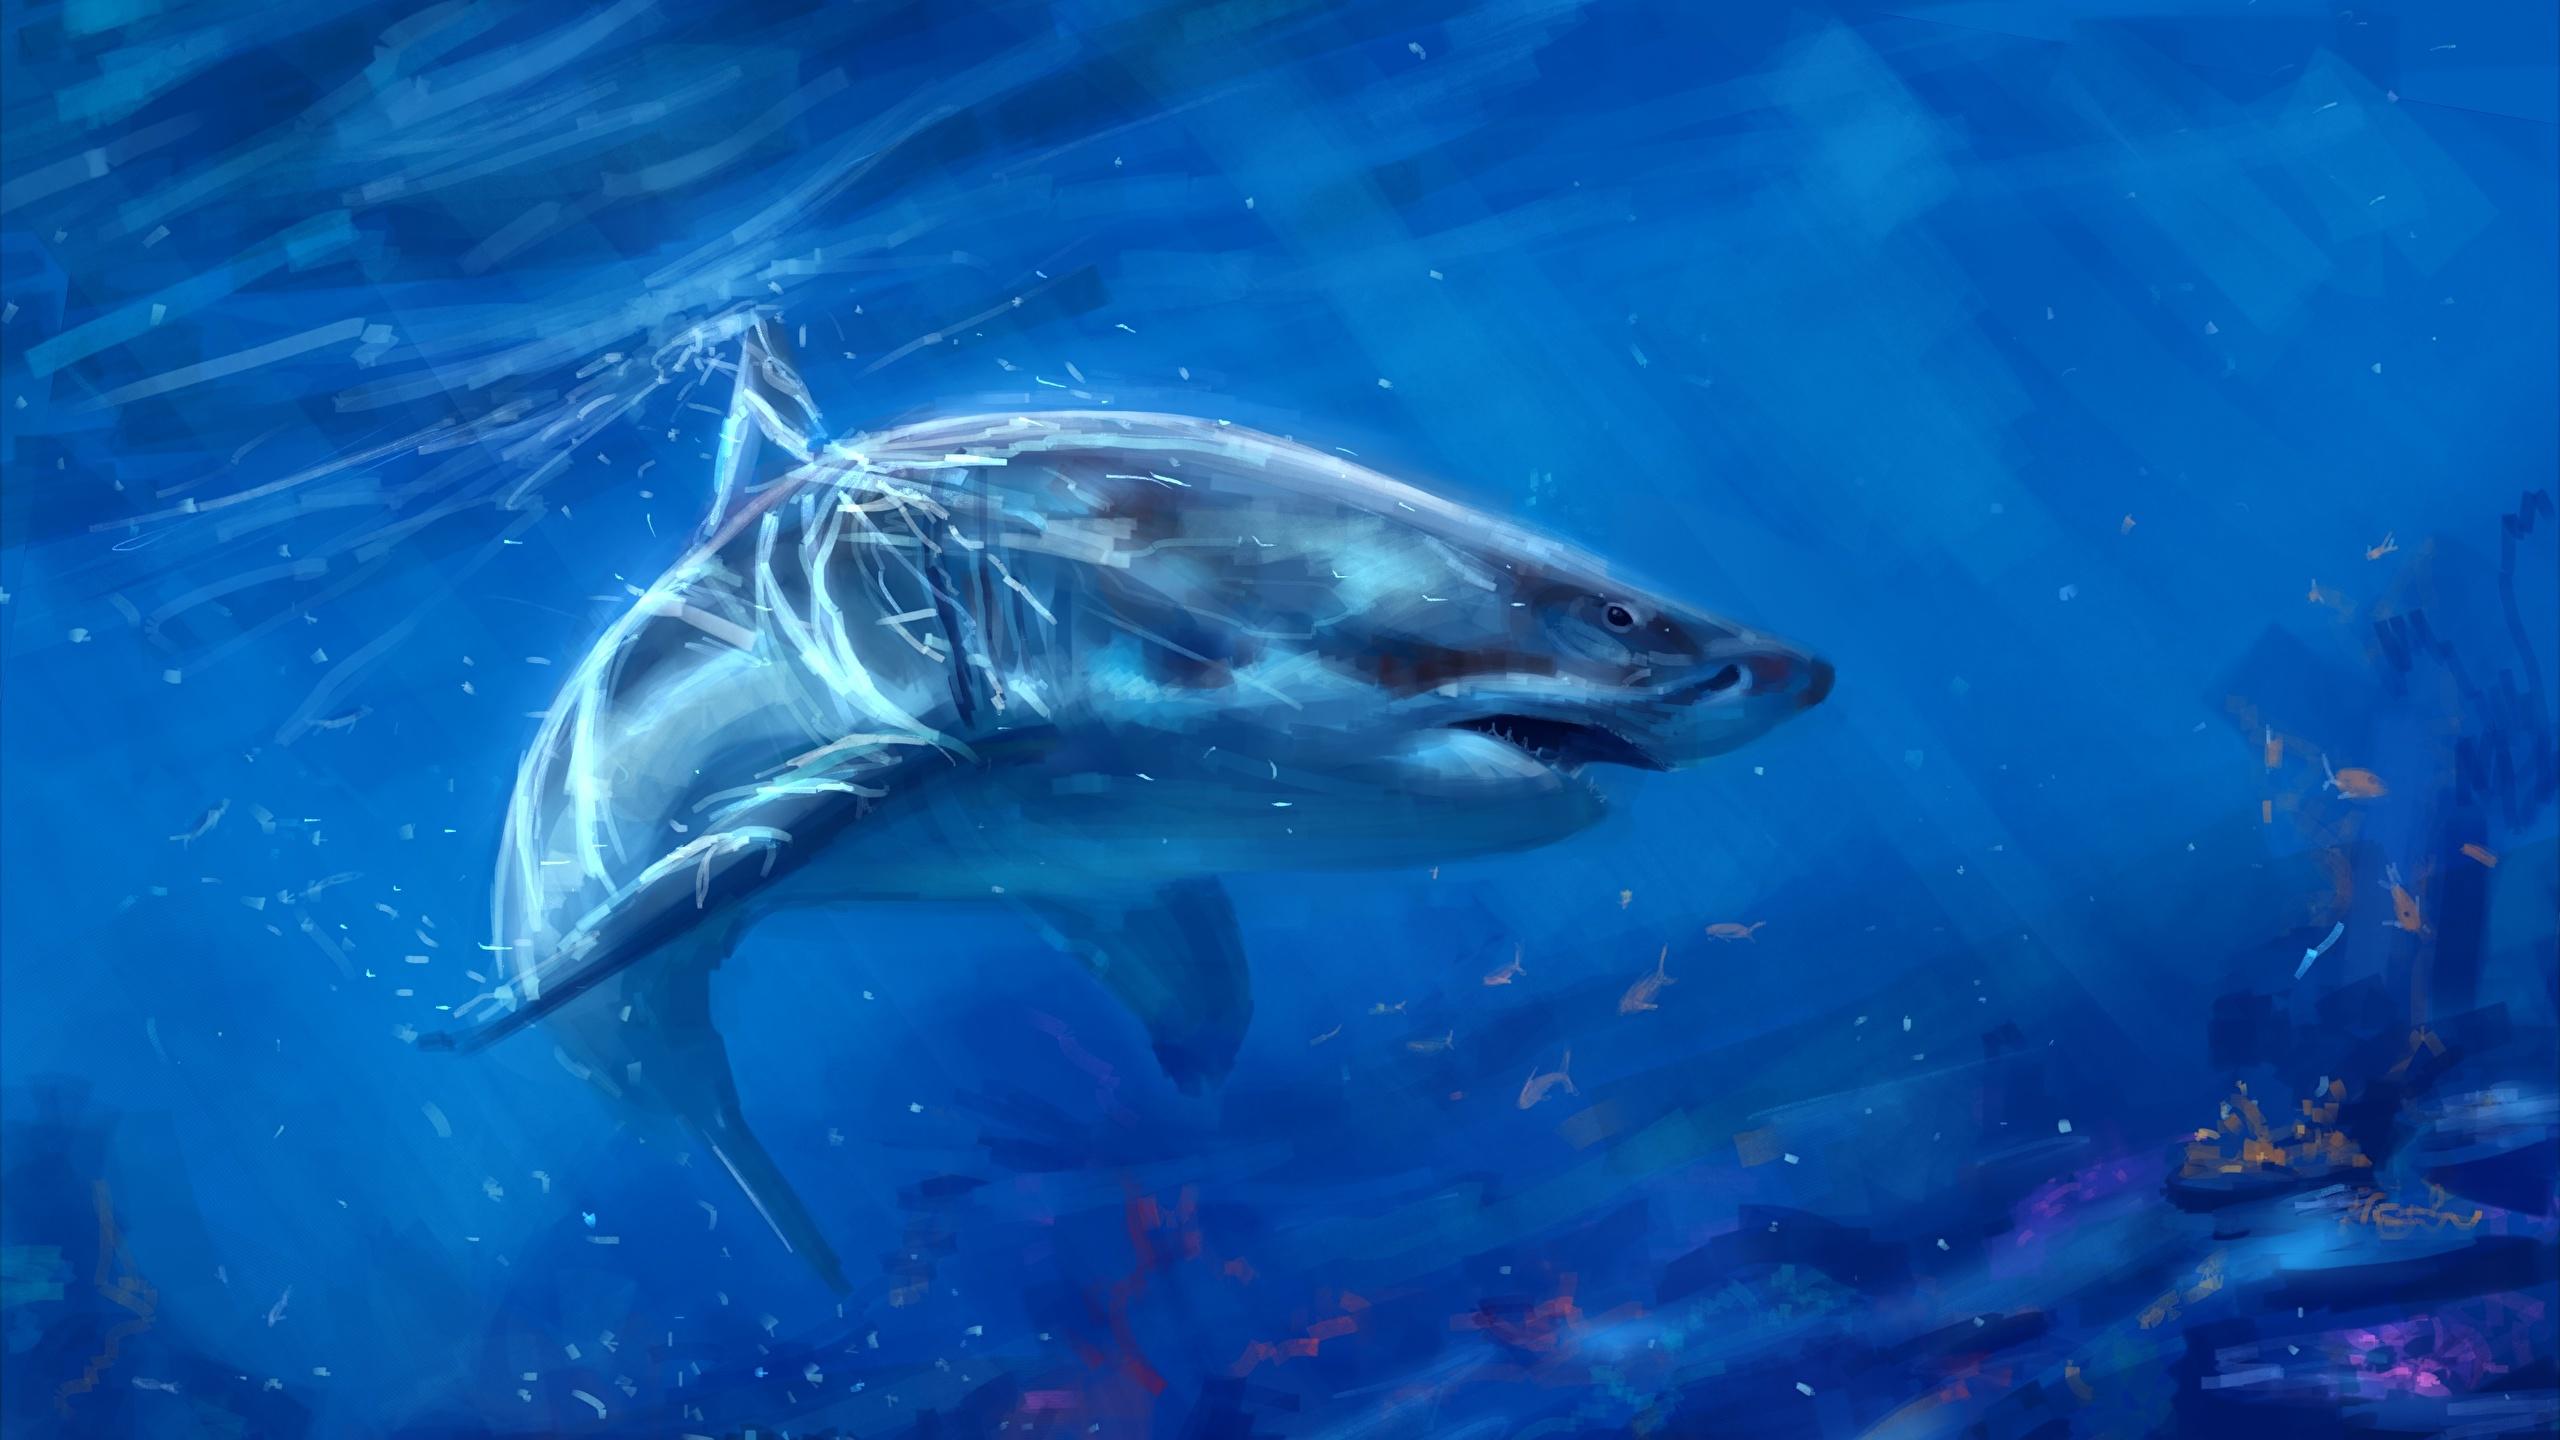 壁紙 2560x1440 アンダーウォーターワールド 描かれた壁紙 サメ